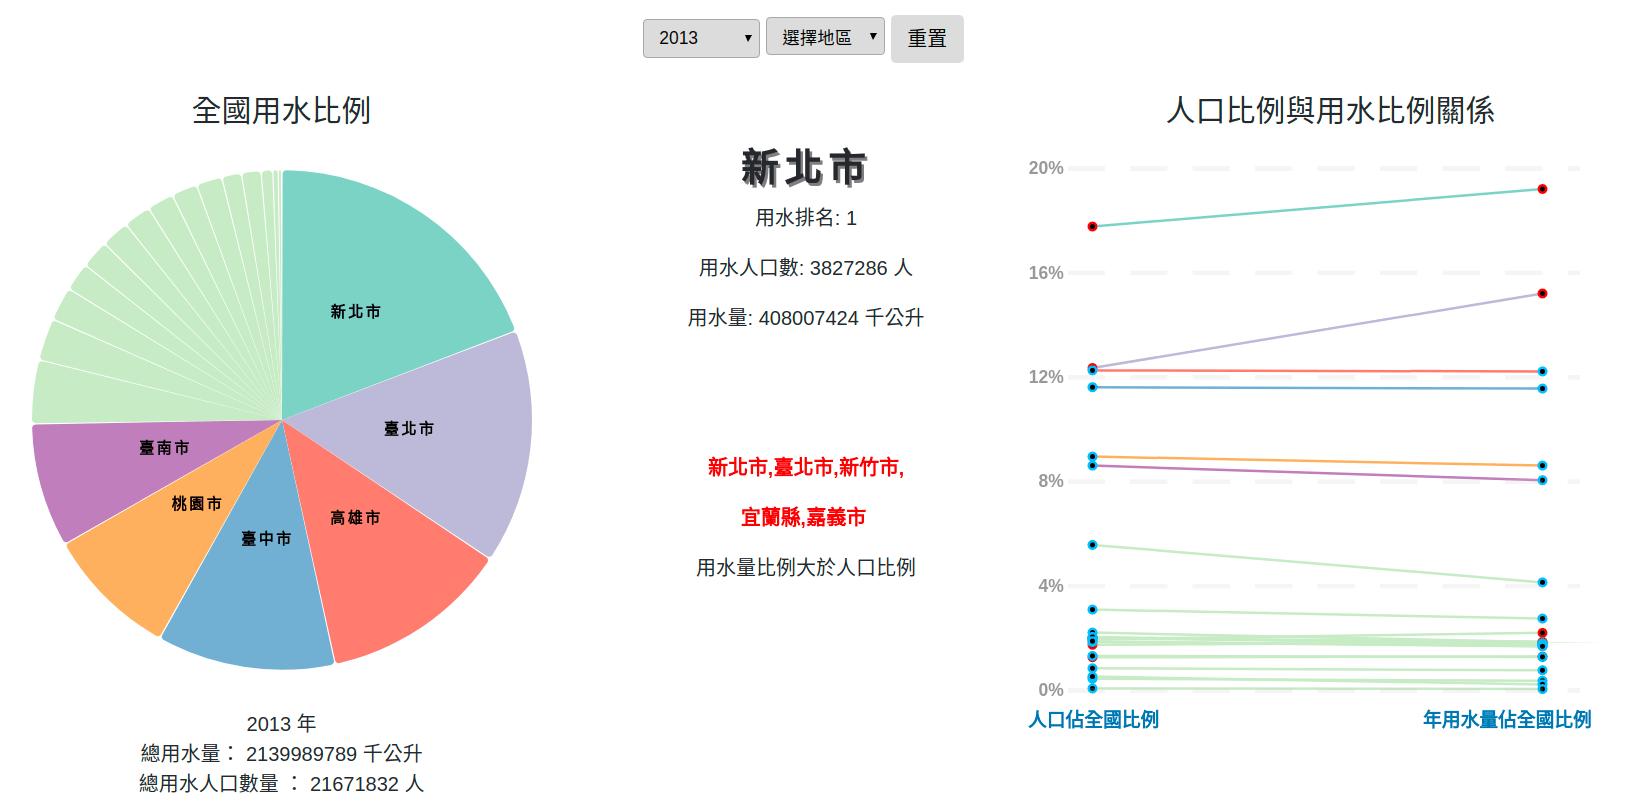 用數據看臺灣 - 臺灣生活用水與人口關係